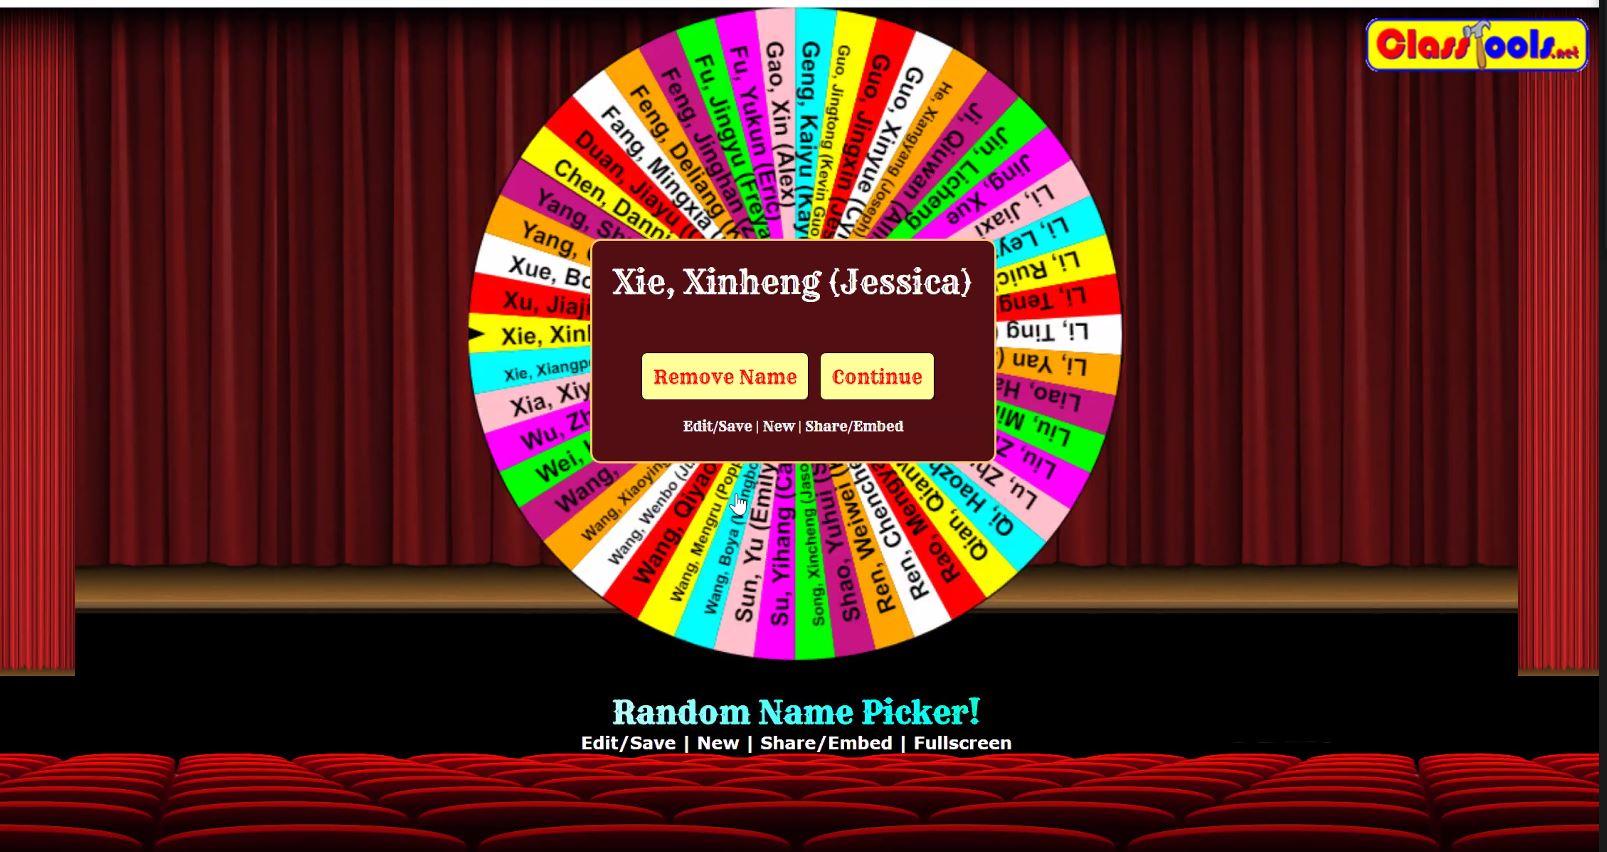 wheel spinning_random student name